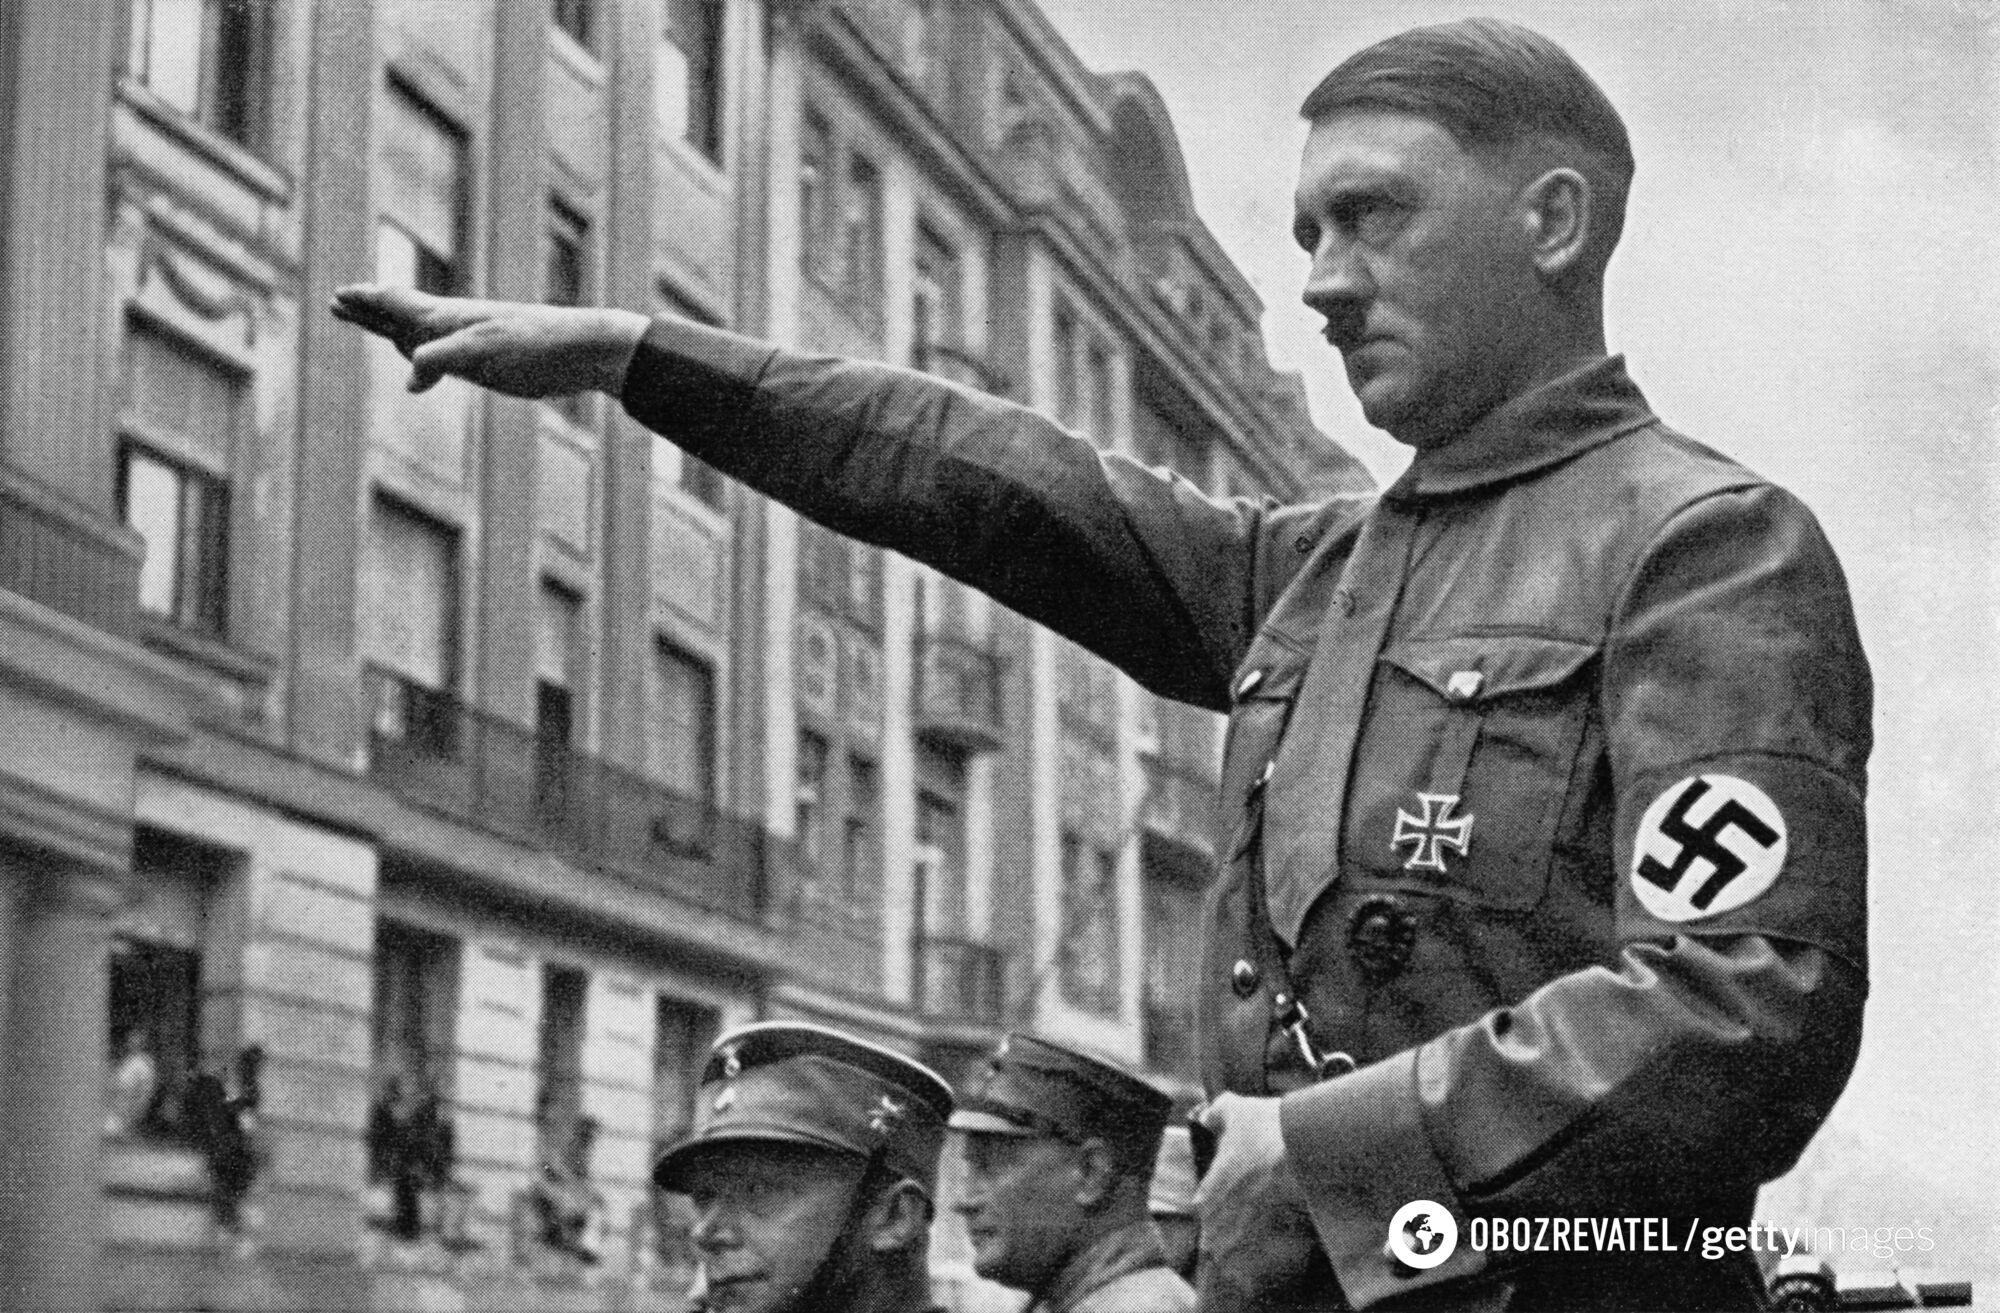 Як виглядав Адольф Гітлер